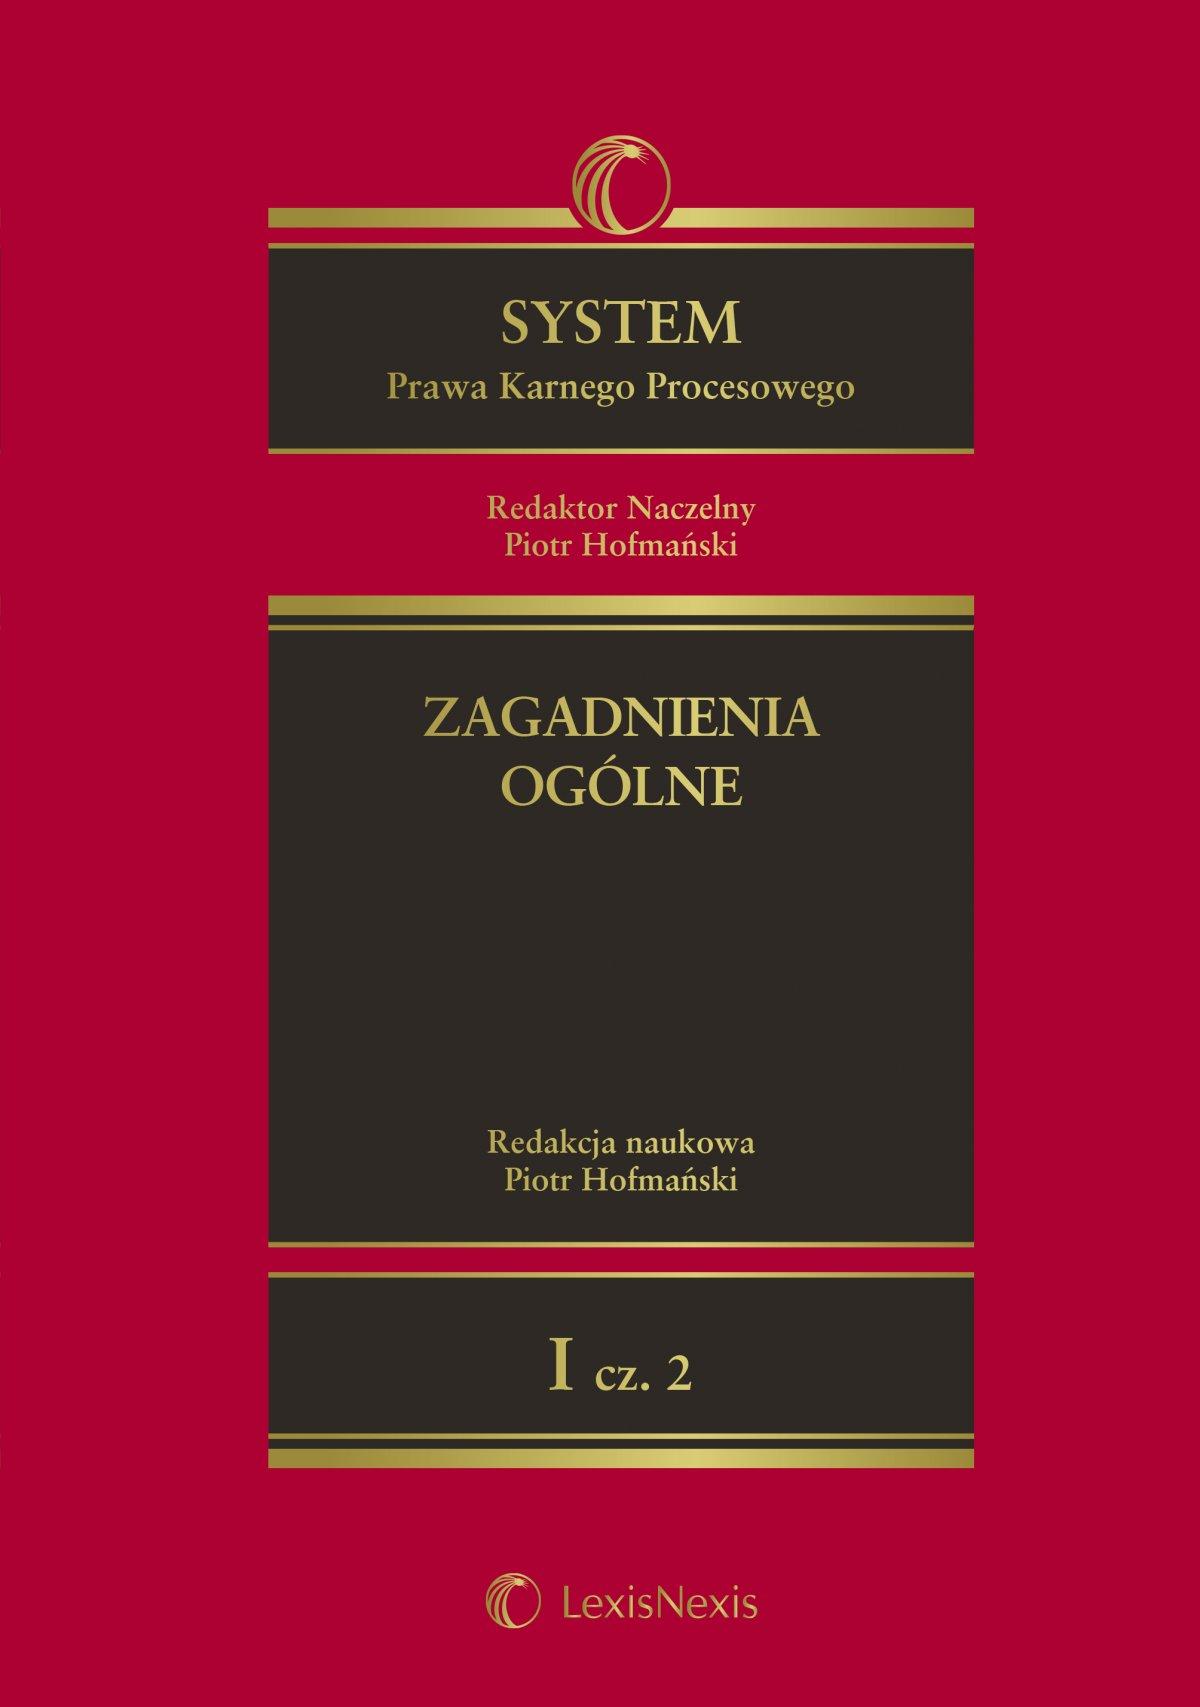 System prawa karnego procesowego. Zagadnienia ogólne. Tom 1. Część 2. Wydanie 1 - Ebook (Książka EPUB) do pobrania w formacie EPUB